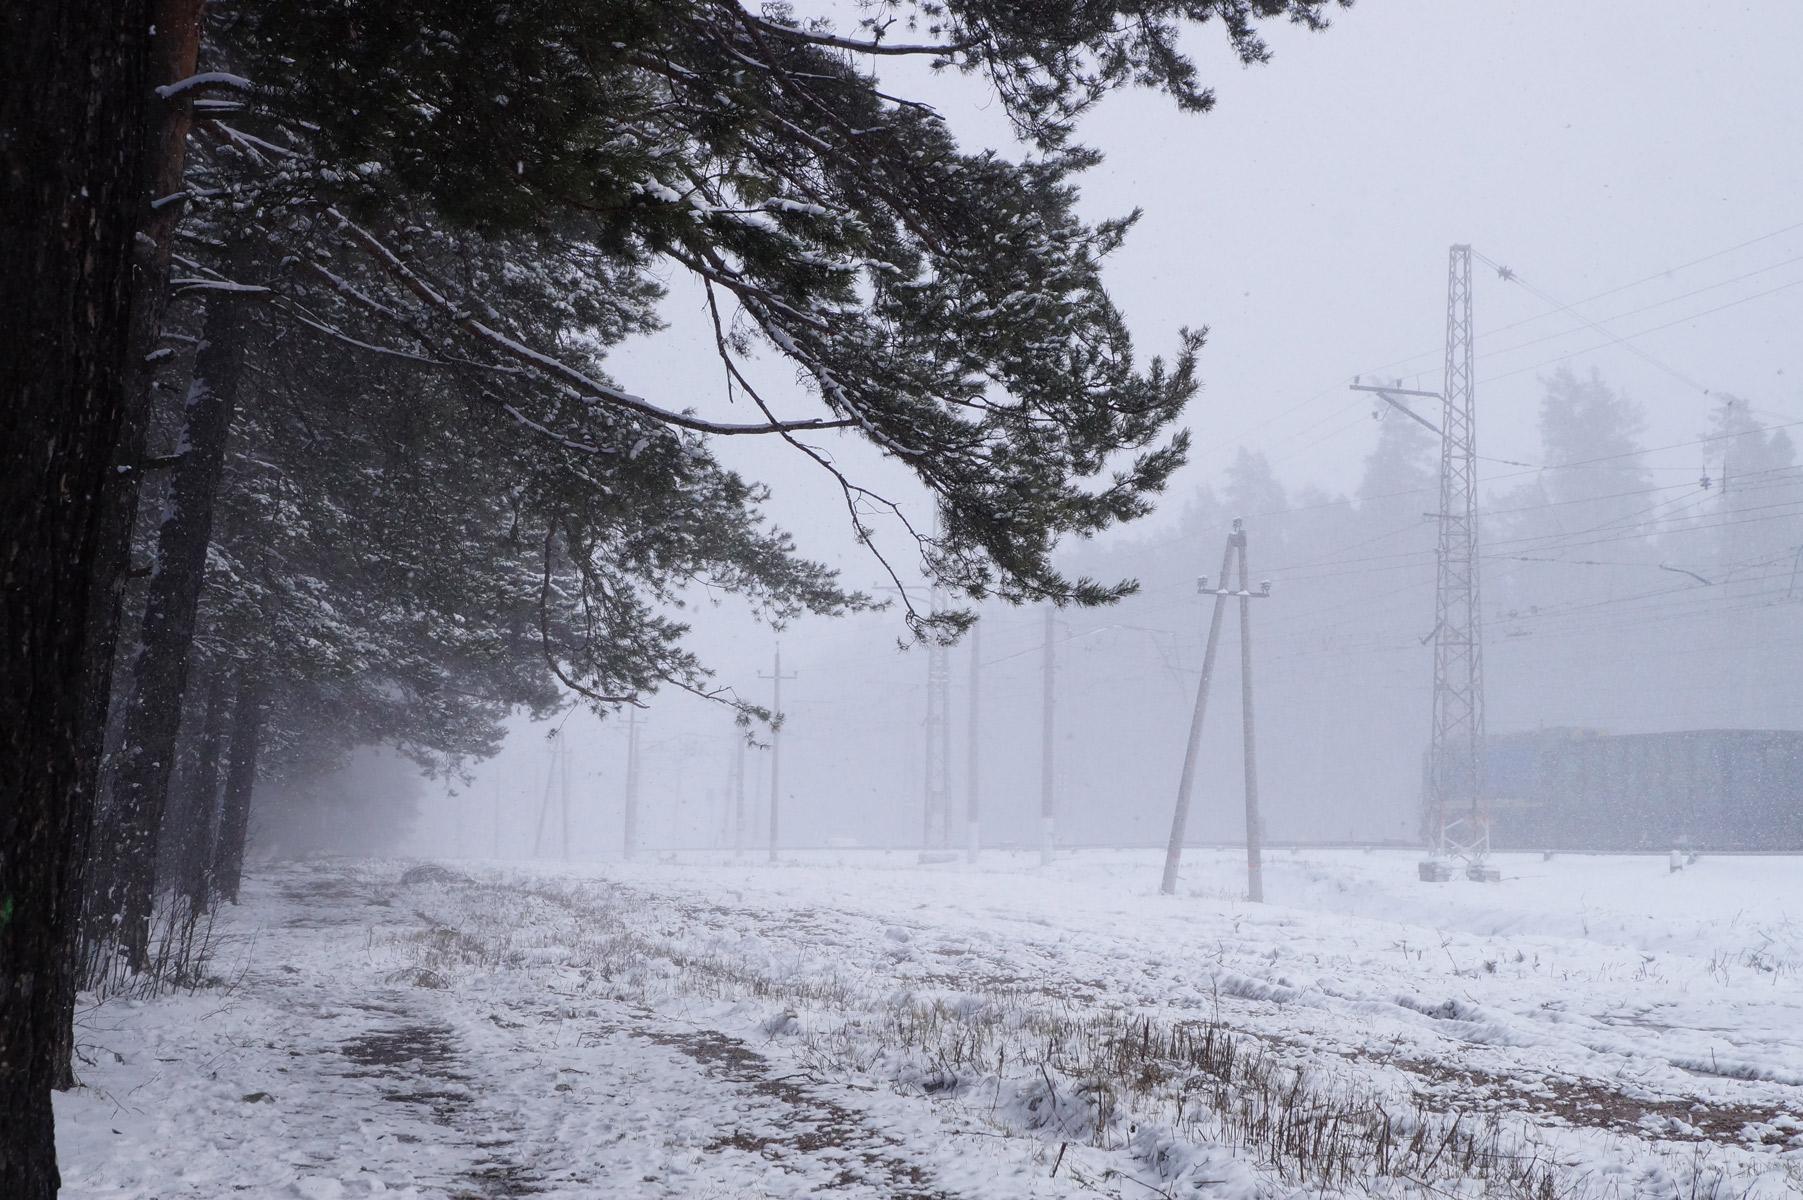 Нахабино, Подмосковье, весна 2020